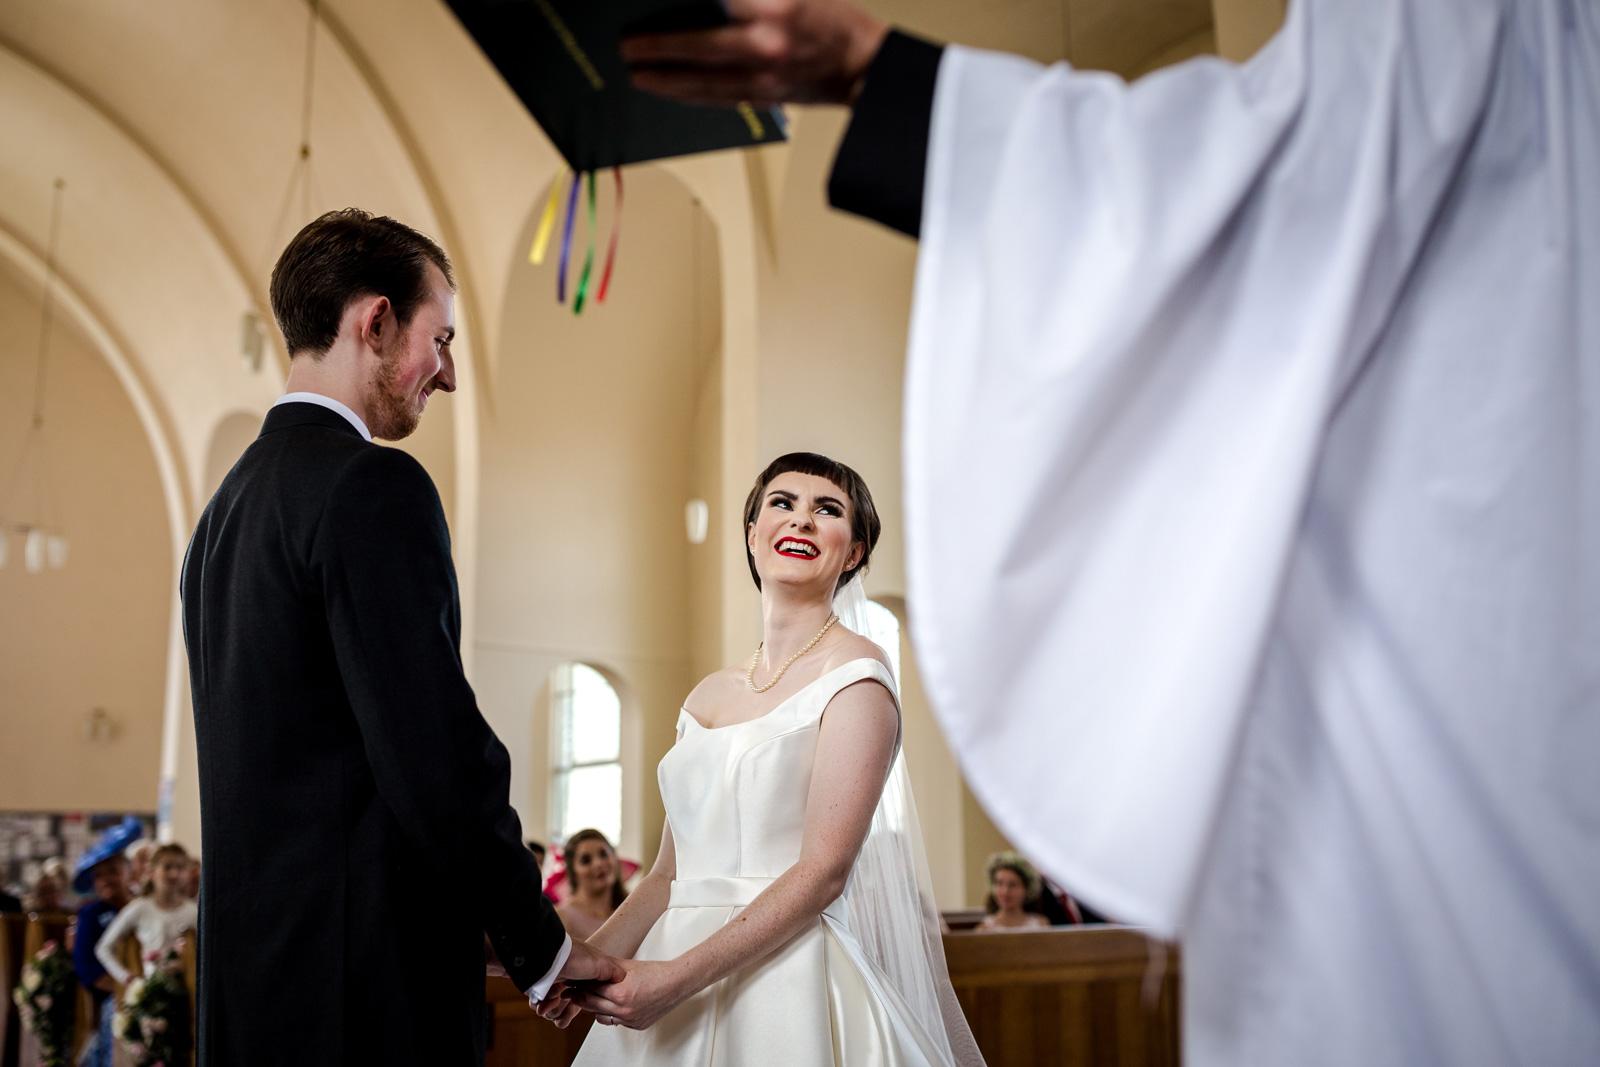 St Mark's with St John's church wedding